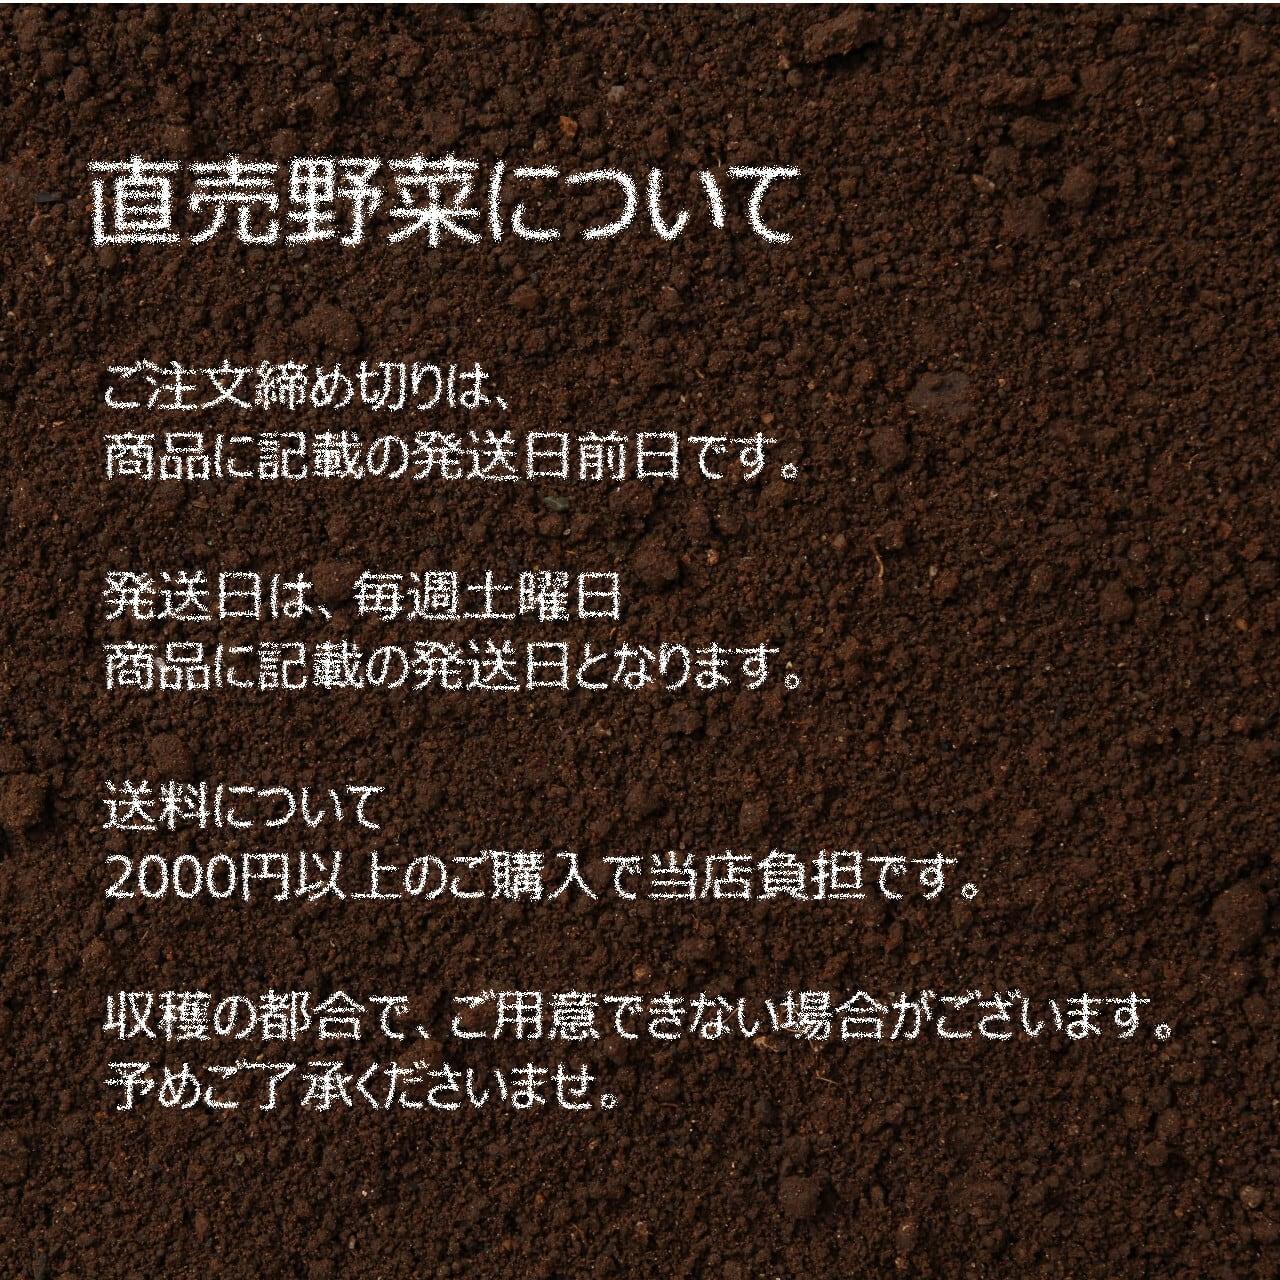 新鮮な秋野菜 : ピーマン 約400g 11月の朝採り直売野菜 11月21日発送予定